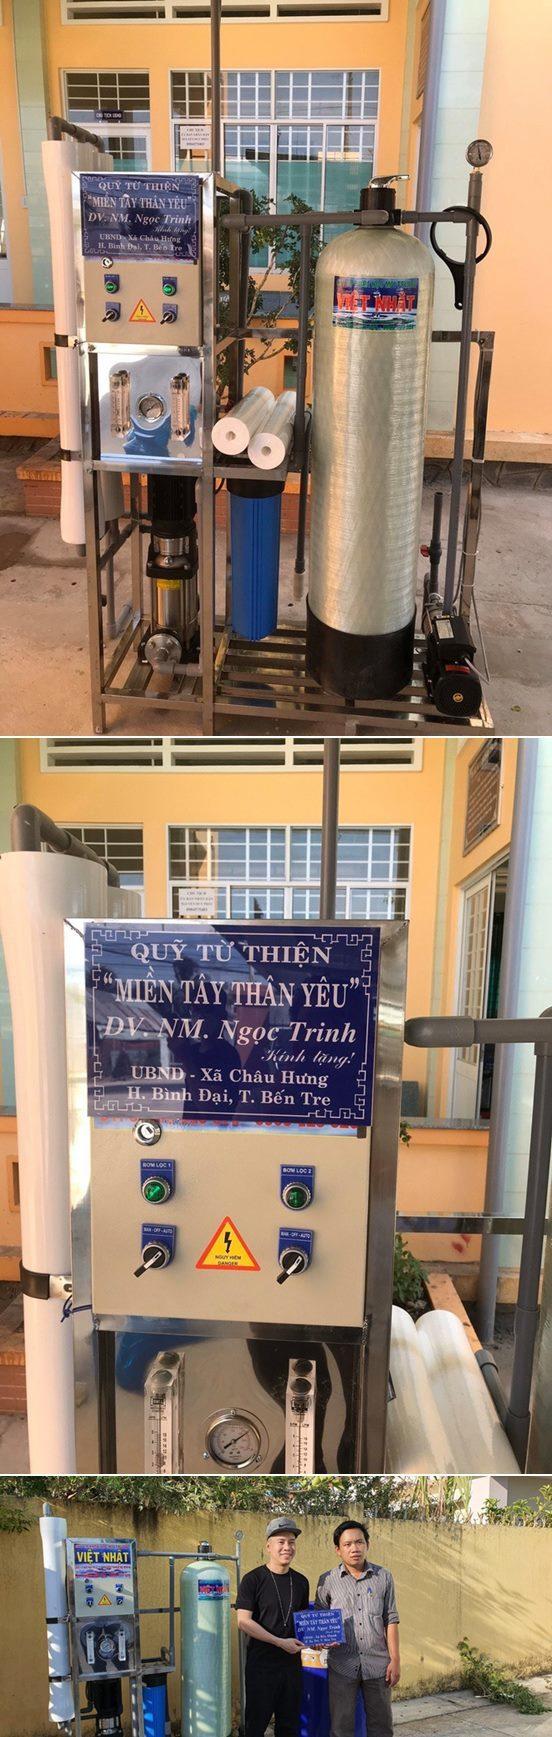 Lý Hải Ngọc Trinh gom gần 1 tỷ lắp máy lọc cứu hạn mặn